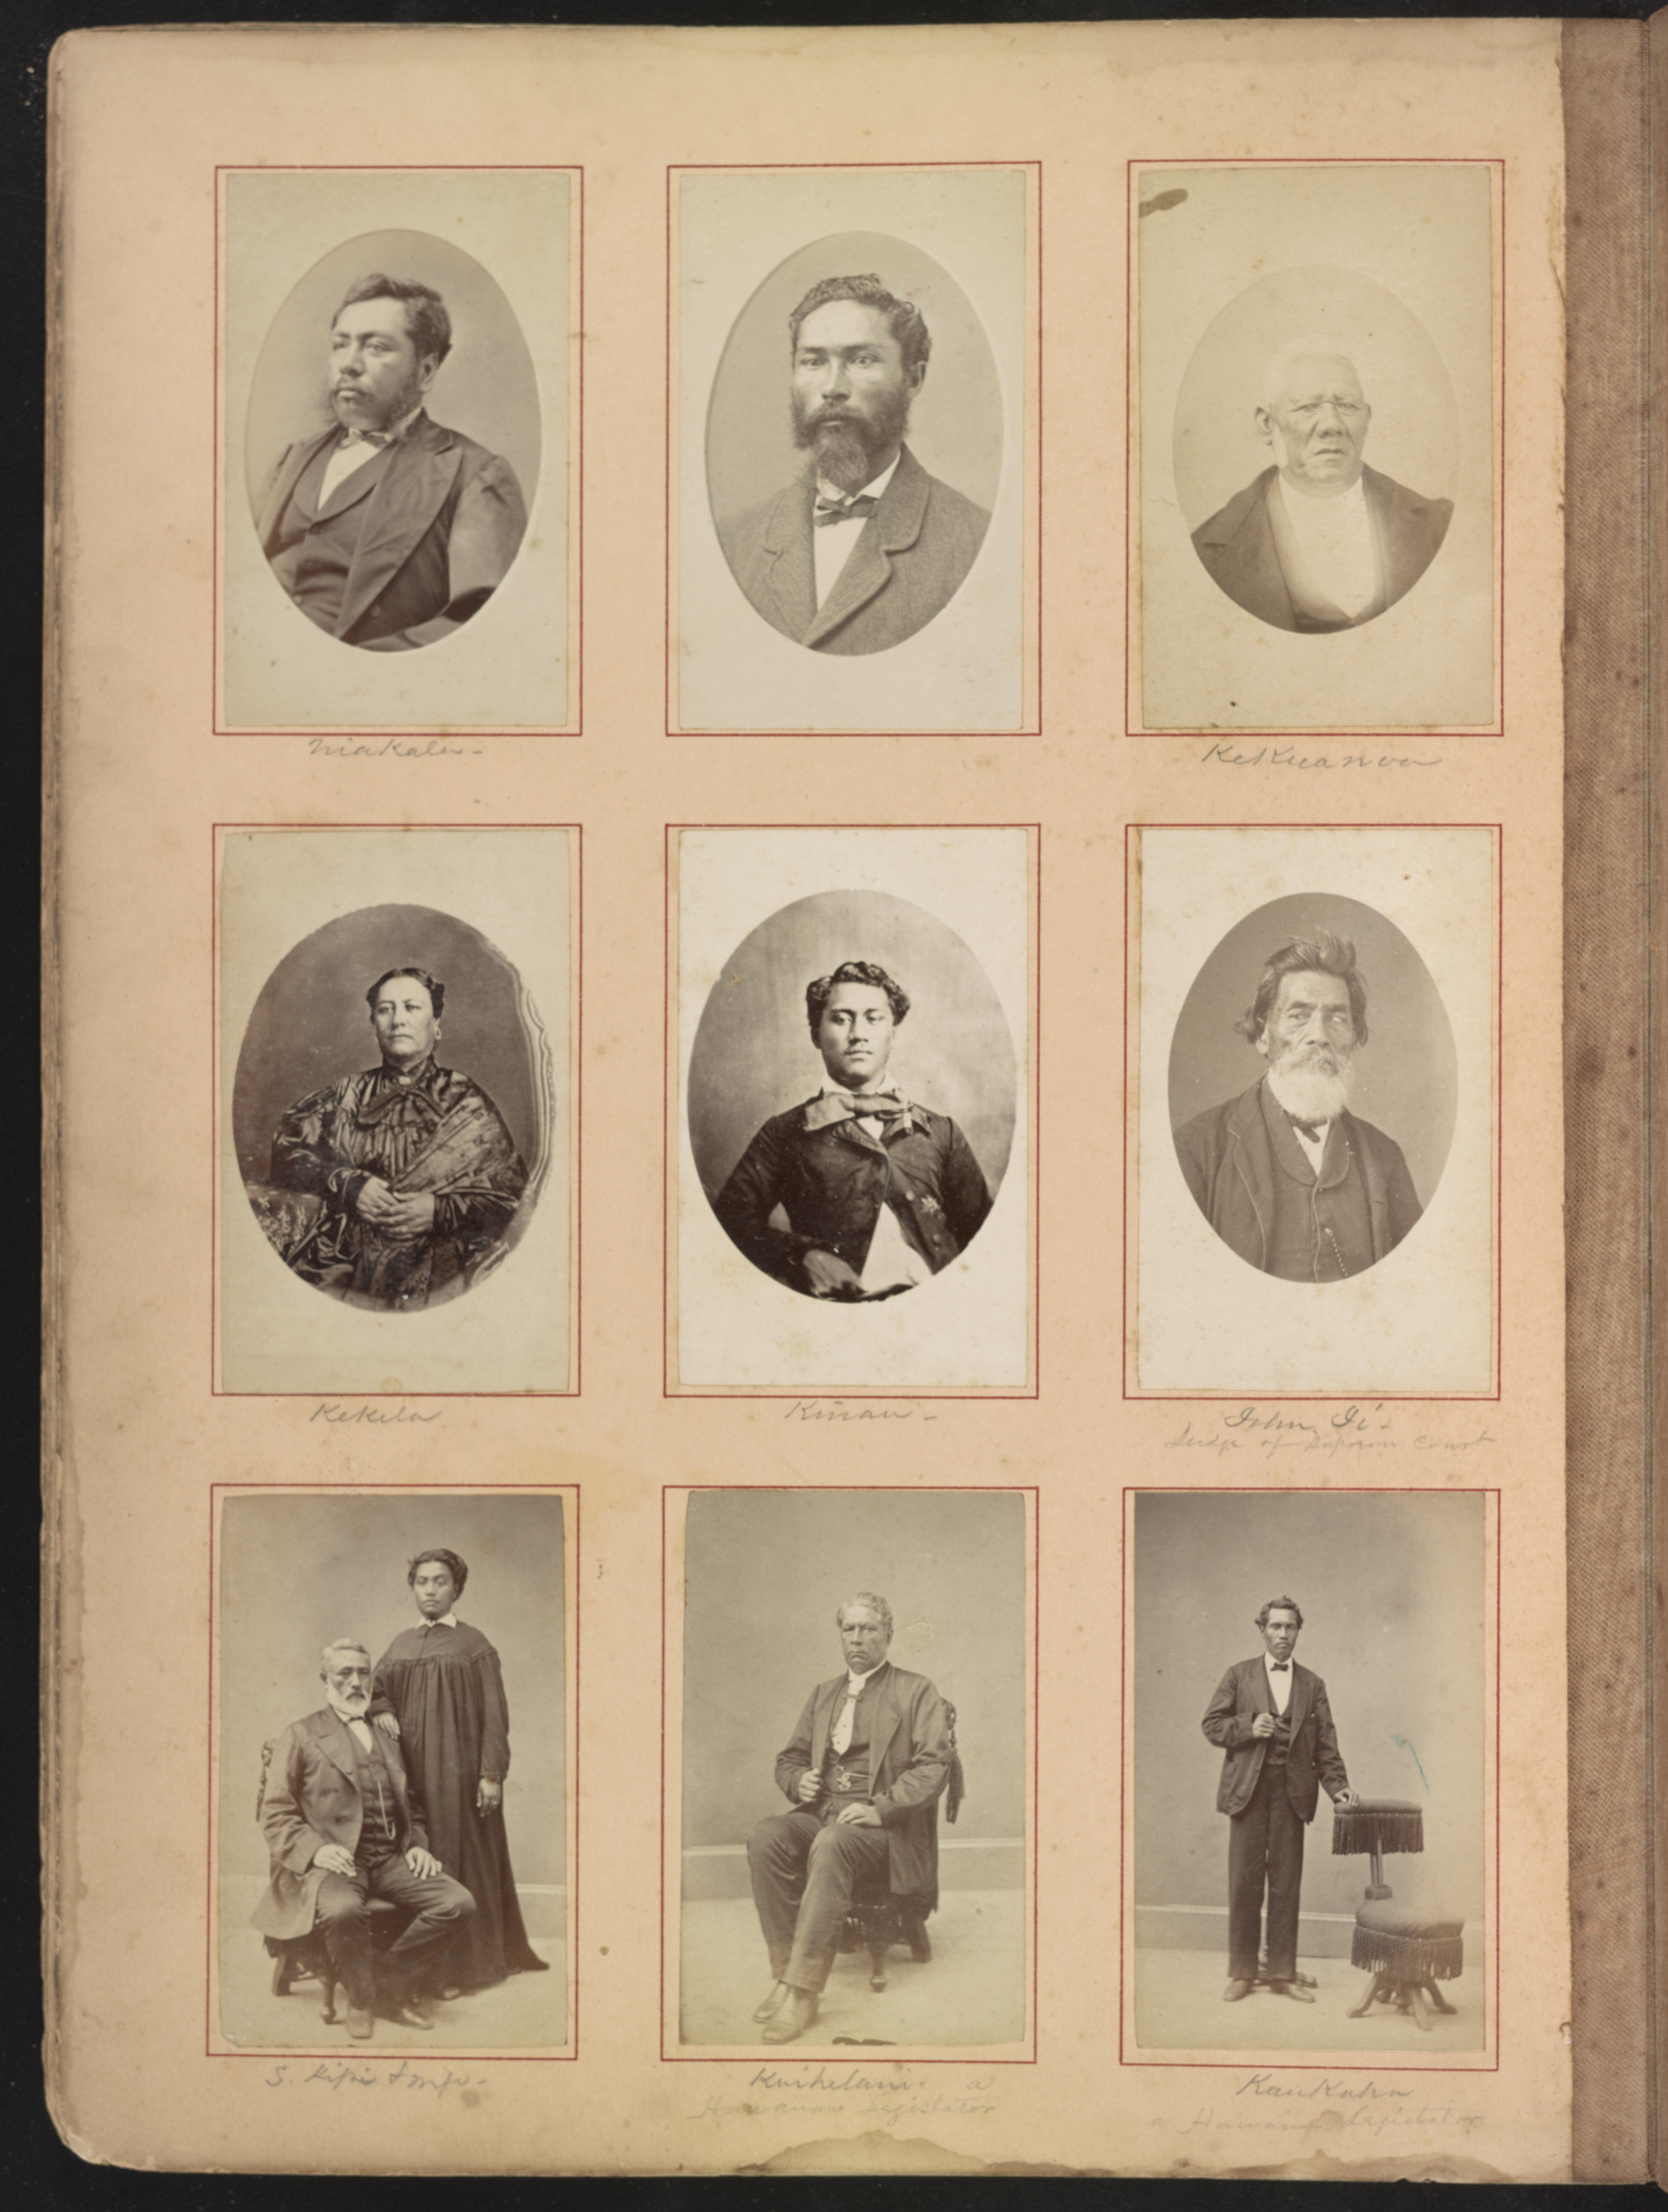 Hawaii album, p. 8, portraits of Hawaiian women and men LCCN2016651396.jpg English: Title: Hawaii album, p. 8, portraits of Hawaiian women and